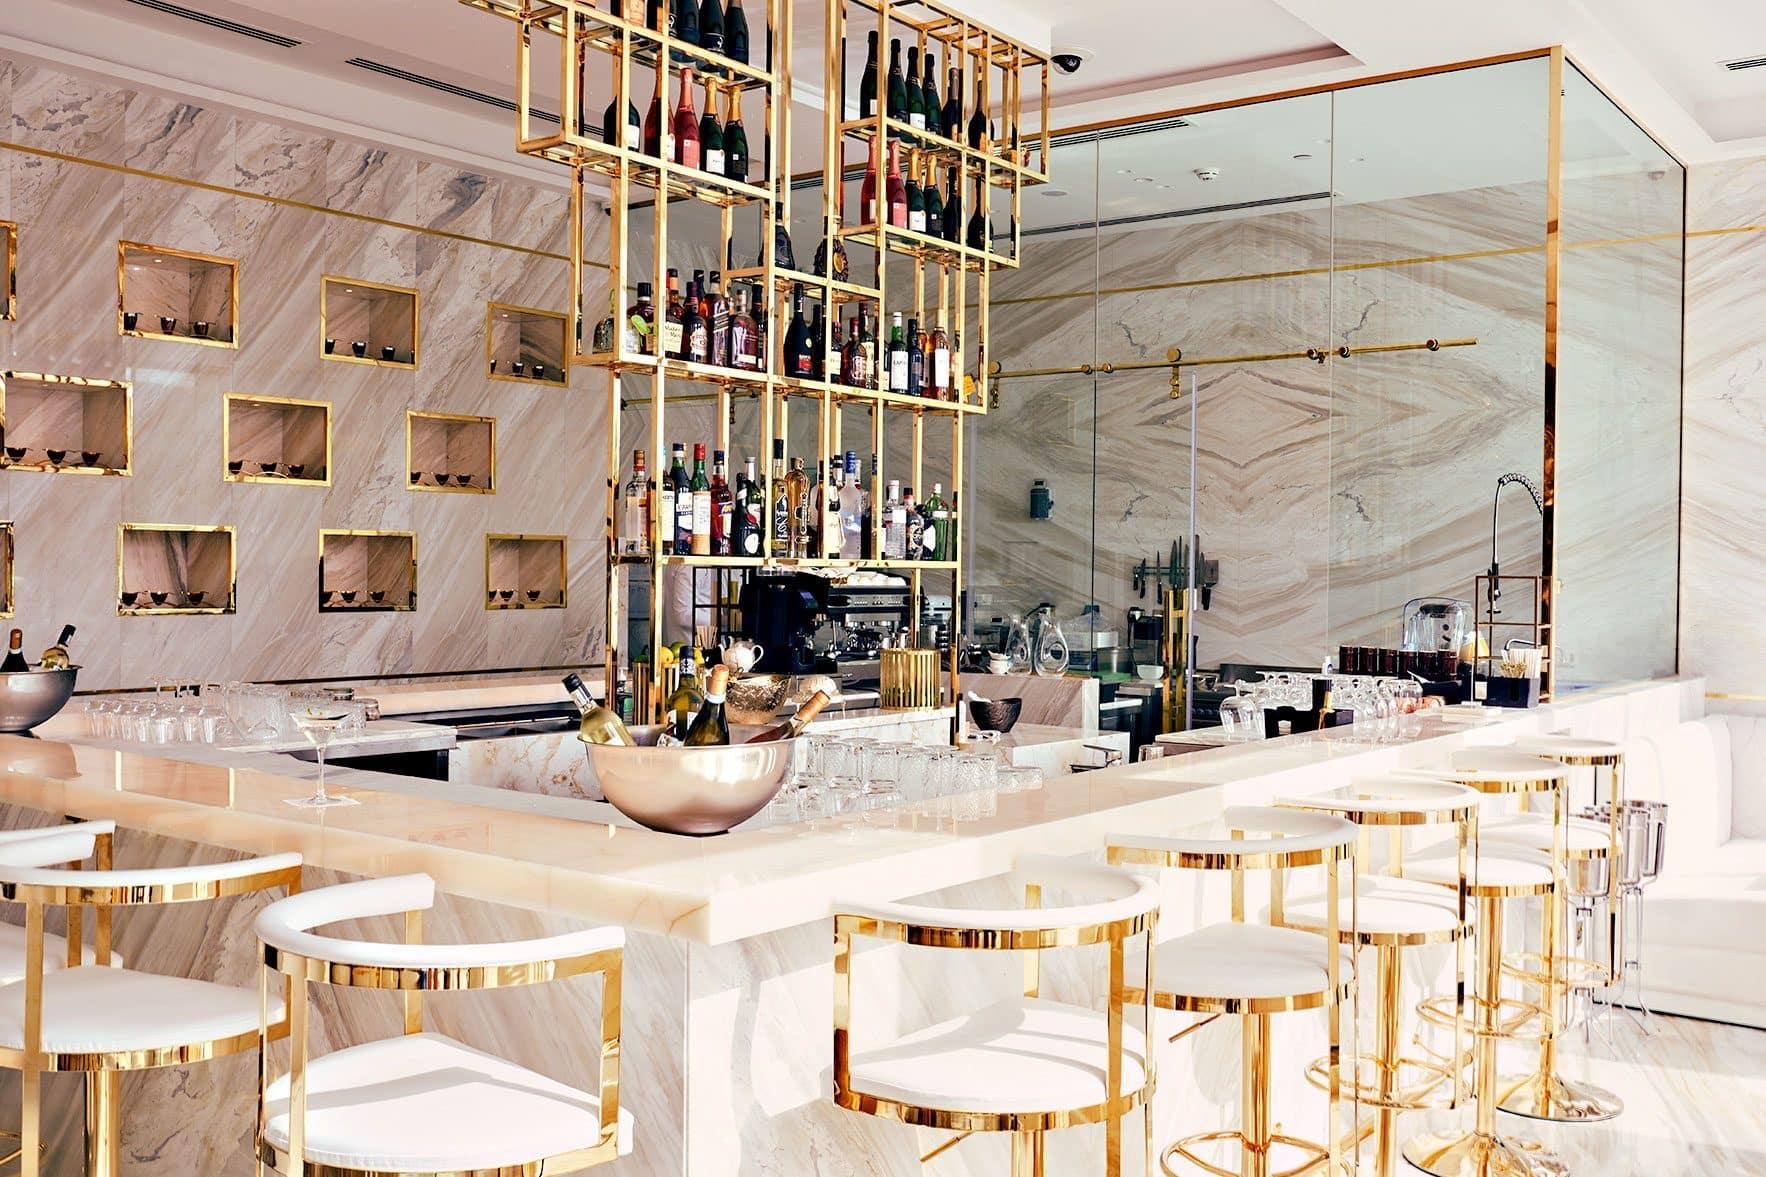 Beluga Caviar bar at Mandarin Oriental, Dubai